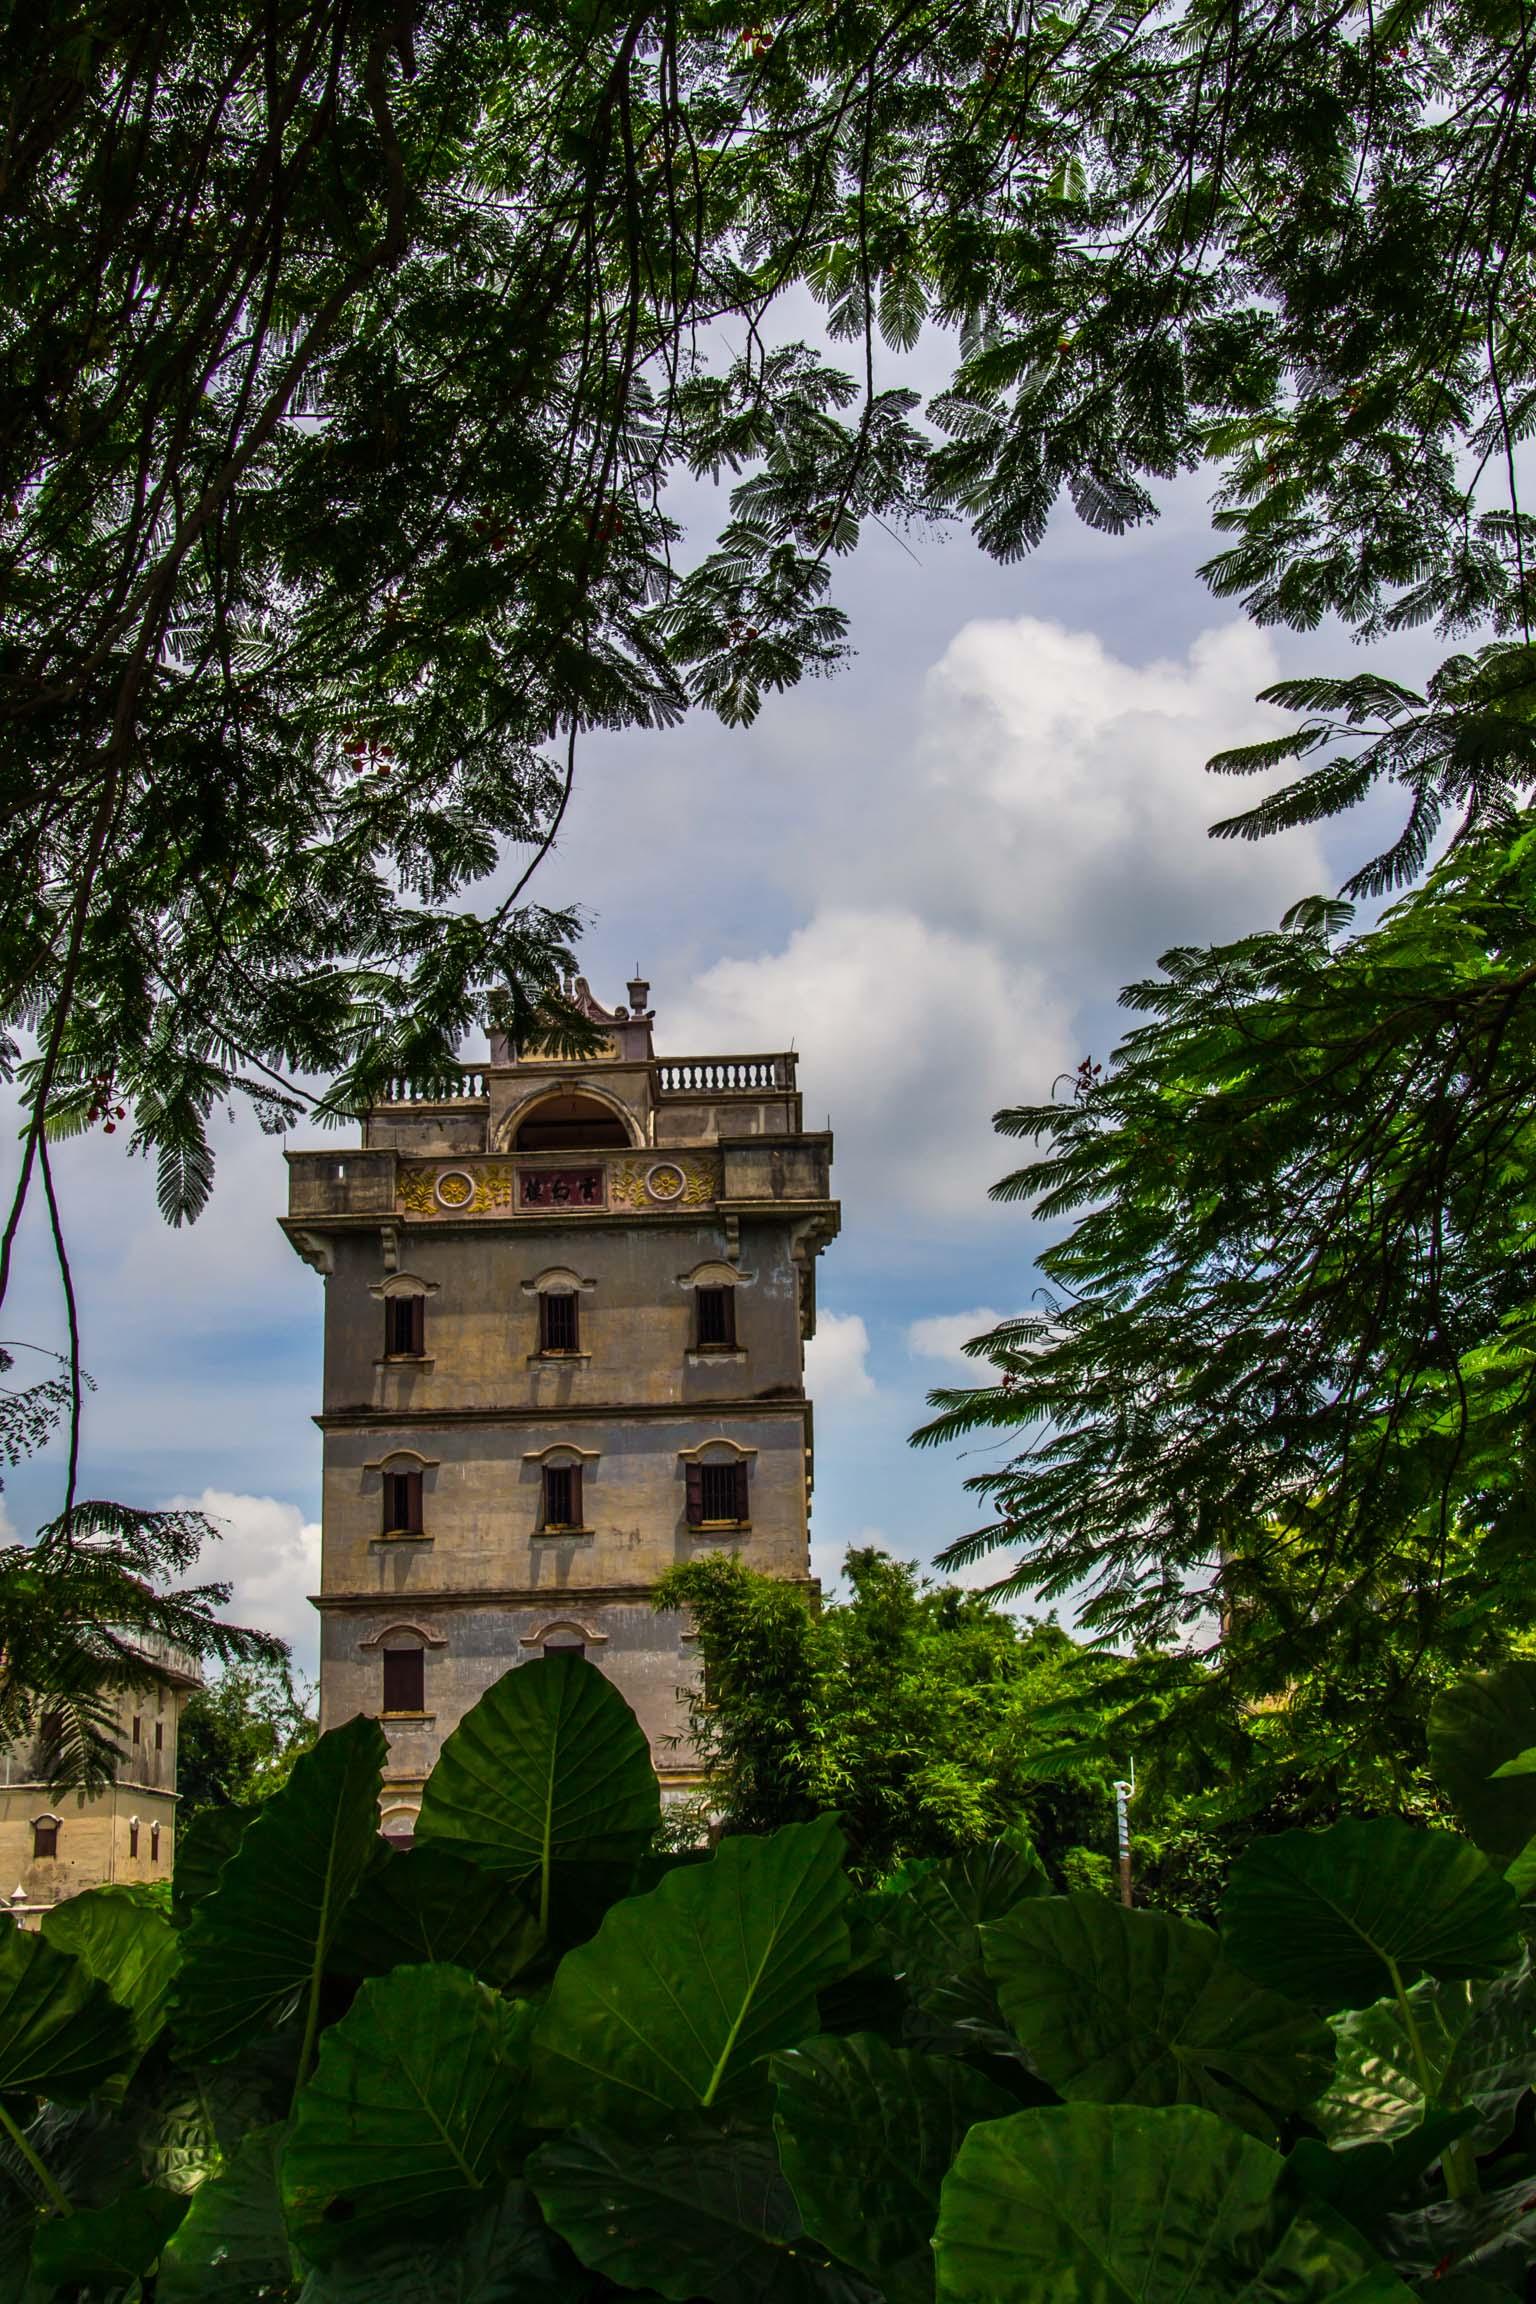 是谁把中世纪的城堡搬到了岭南乡野?开平碉楼的前世今生